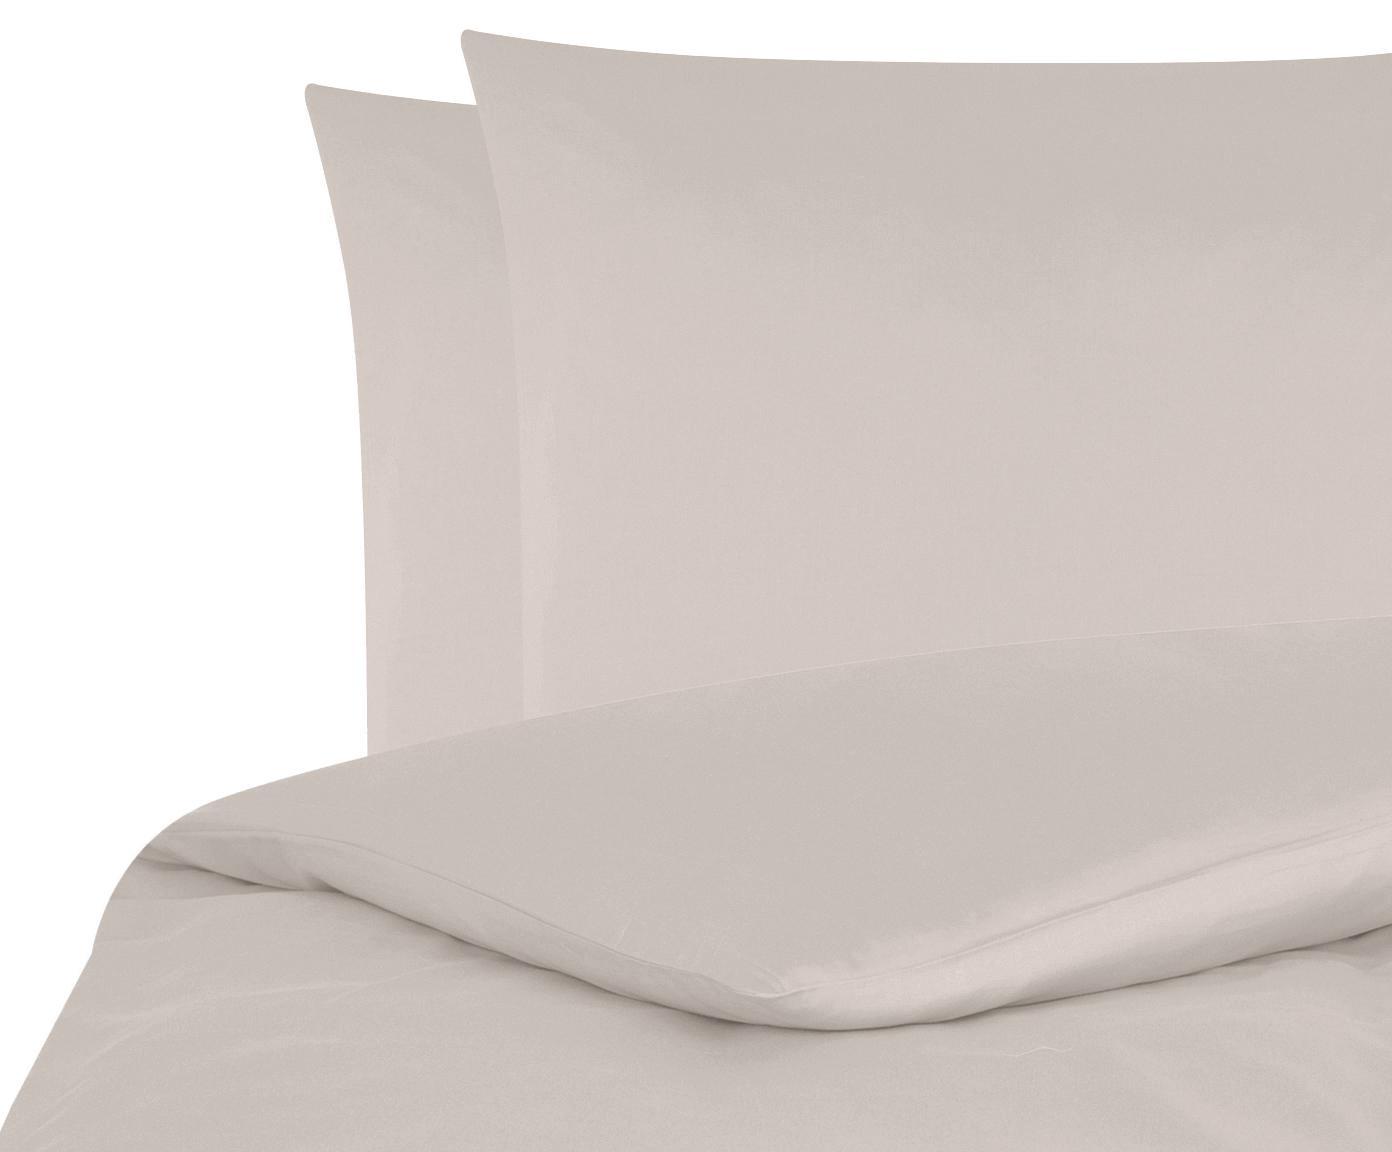 Parure copripiumino in raso di cotone Comfort, Taupe, 255 x 200 cm